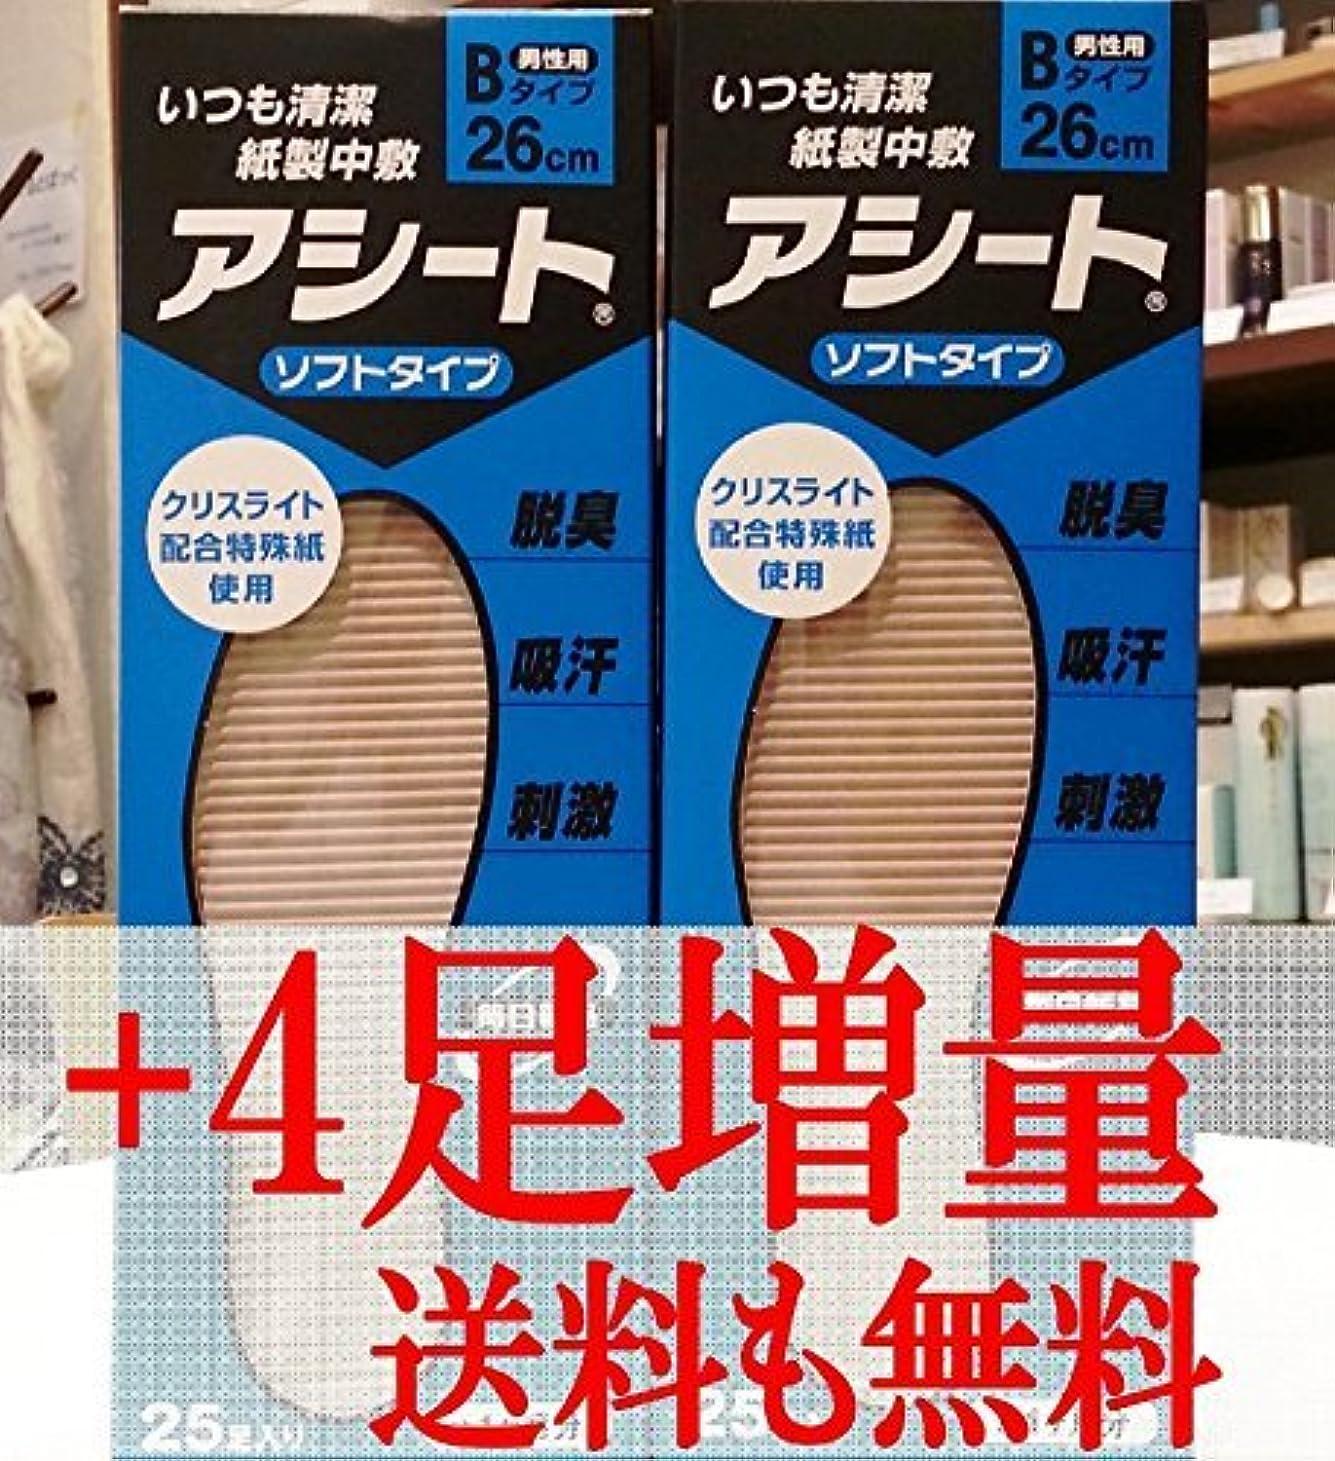 アリ顔料触手アシートB 25足入2箱セット+4足増量中(27cm)